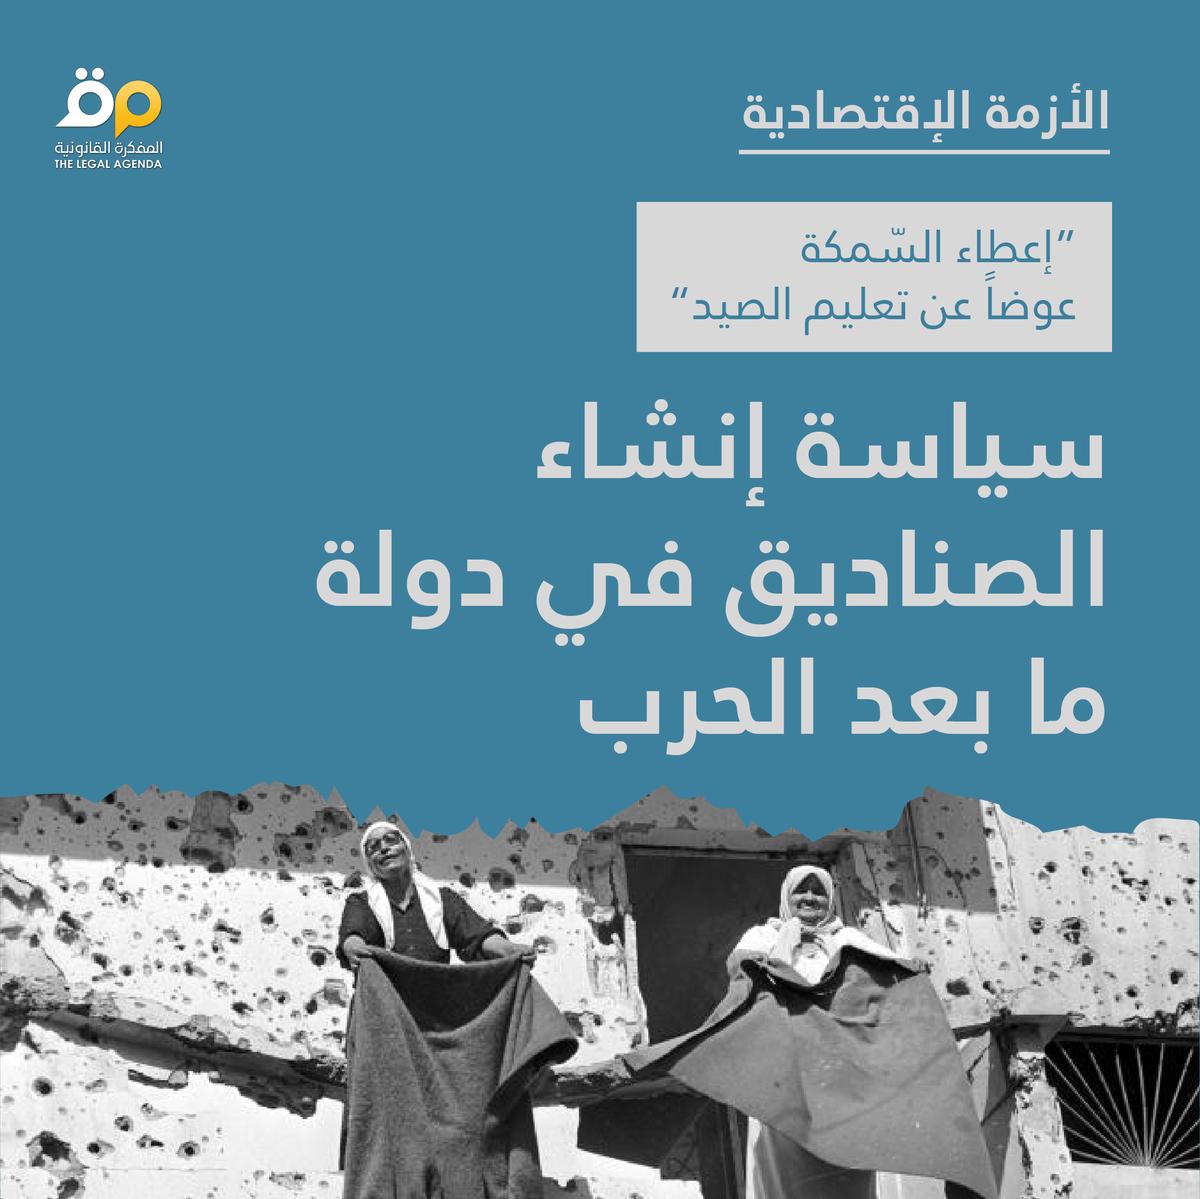 #لبنان | تندرج سياسة إنشاء الصناديق ضمن أسس دولة ما بعد الحرب. وفي معظم الأحيان، تأتي موازنة هذه الصناديق من خارج النفقات العامّة بعيداً عن رقابة البرلمان، ممّا يجعلها أكثر قابلية لهدر الأموال العامّة.